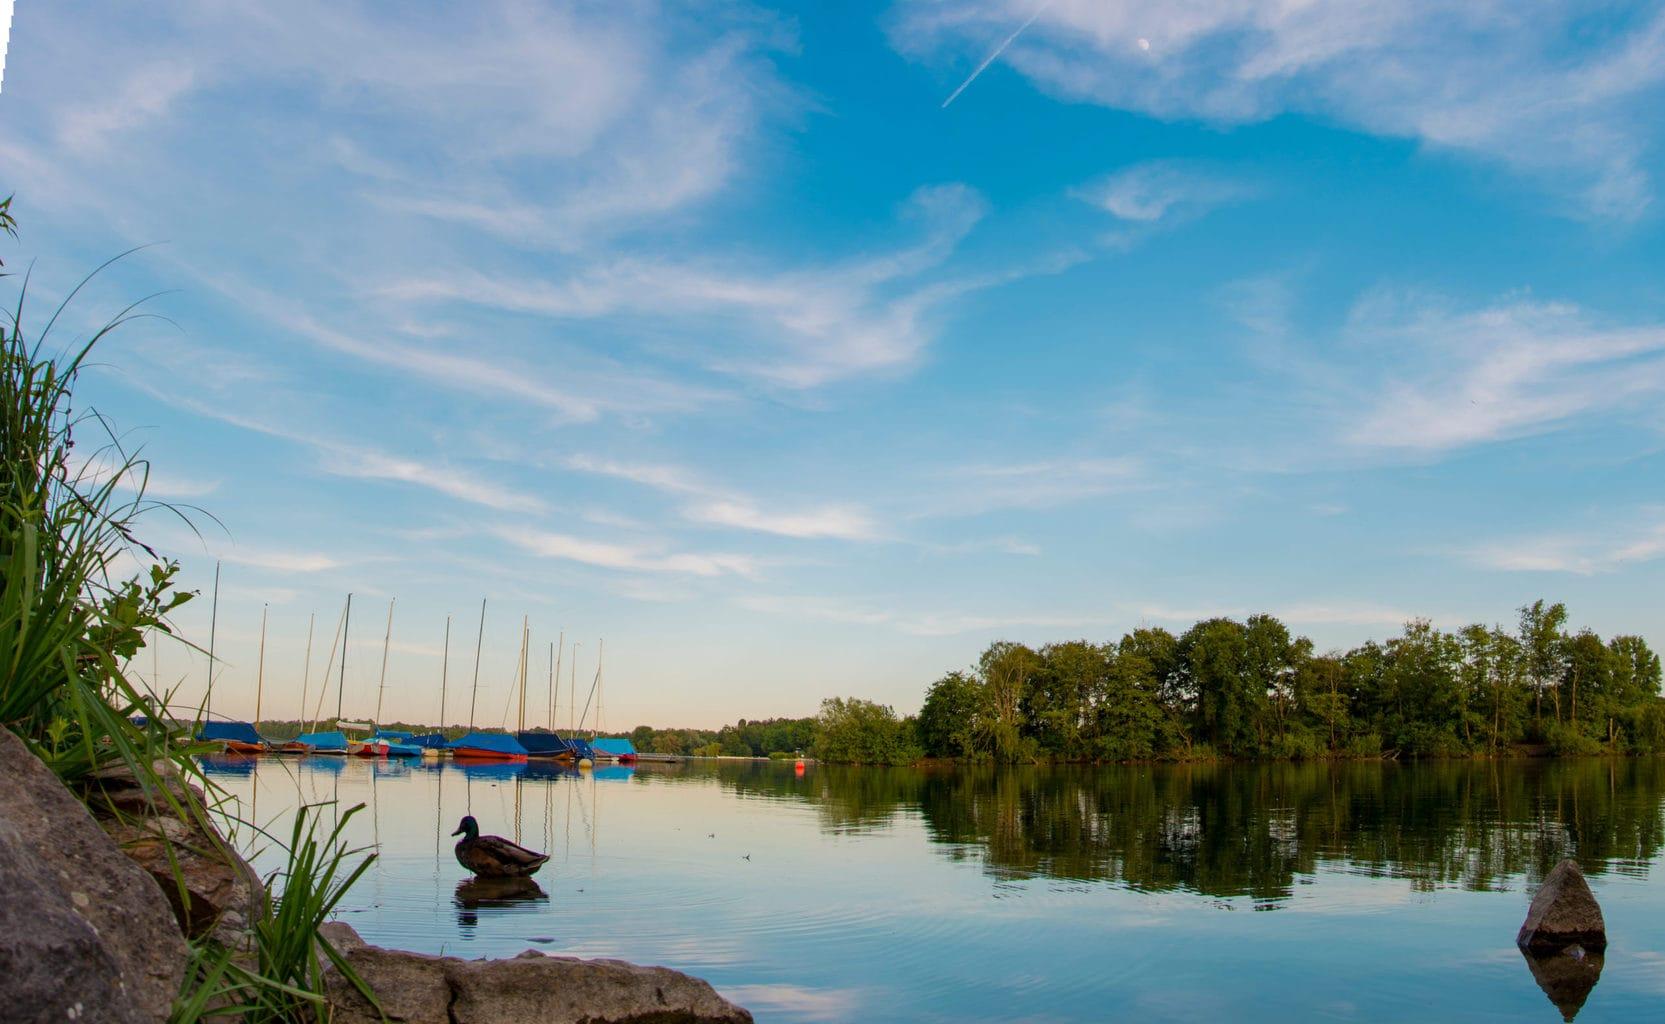 Bootjes op de Unterbacher See in Düsseldorf